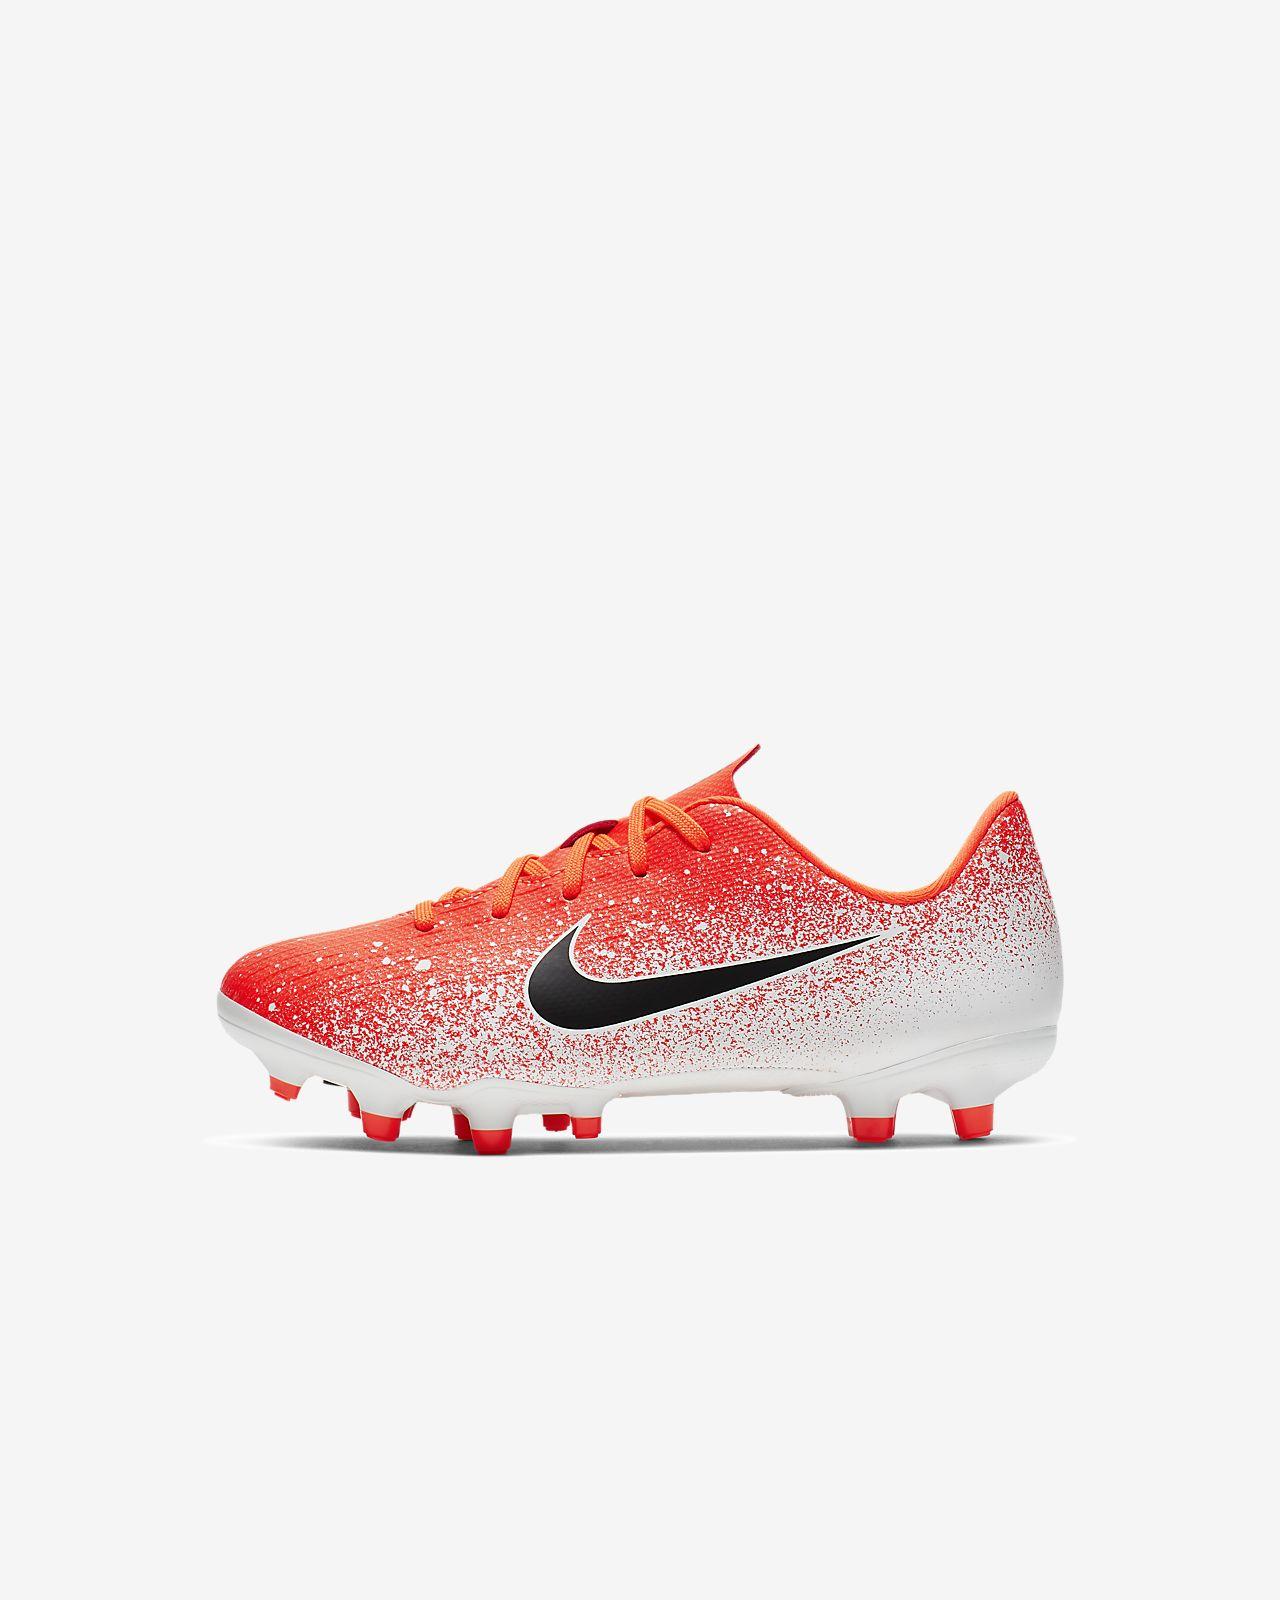 Nike Jr. MercurialX Vapor XII Academy Voetbalschoen voor peuters/kleuters (meerdere ondergronden)